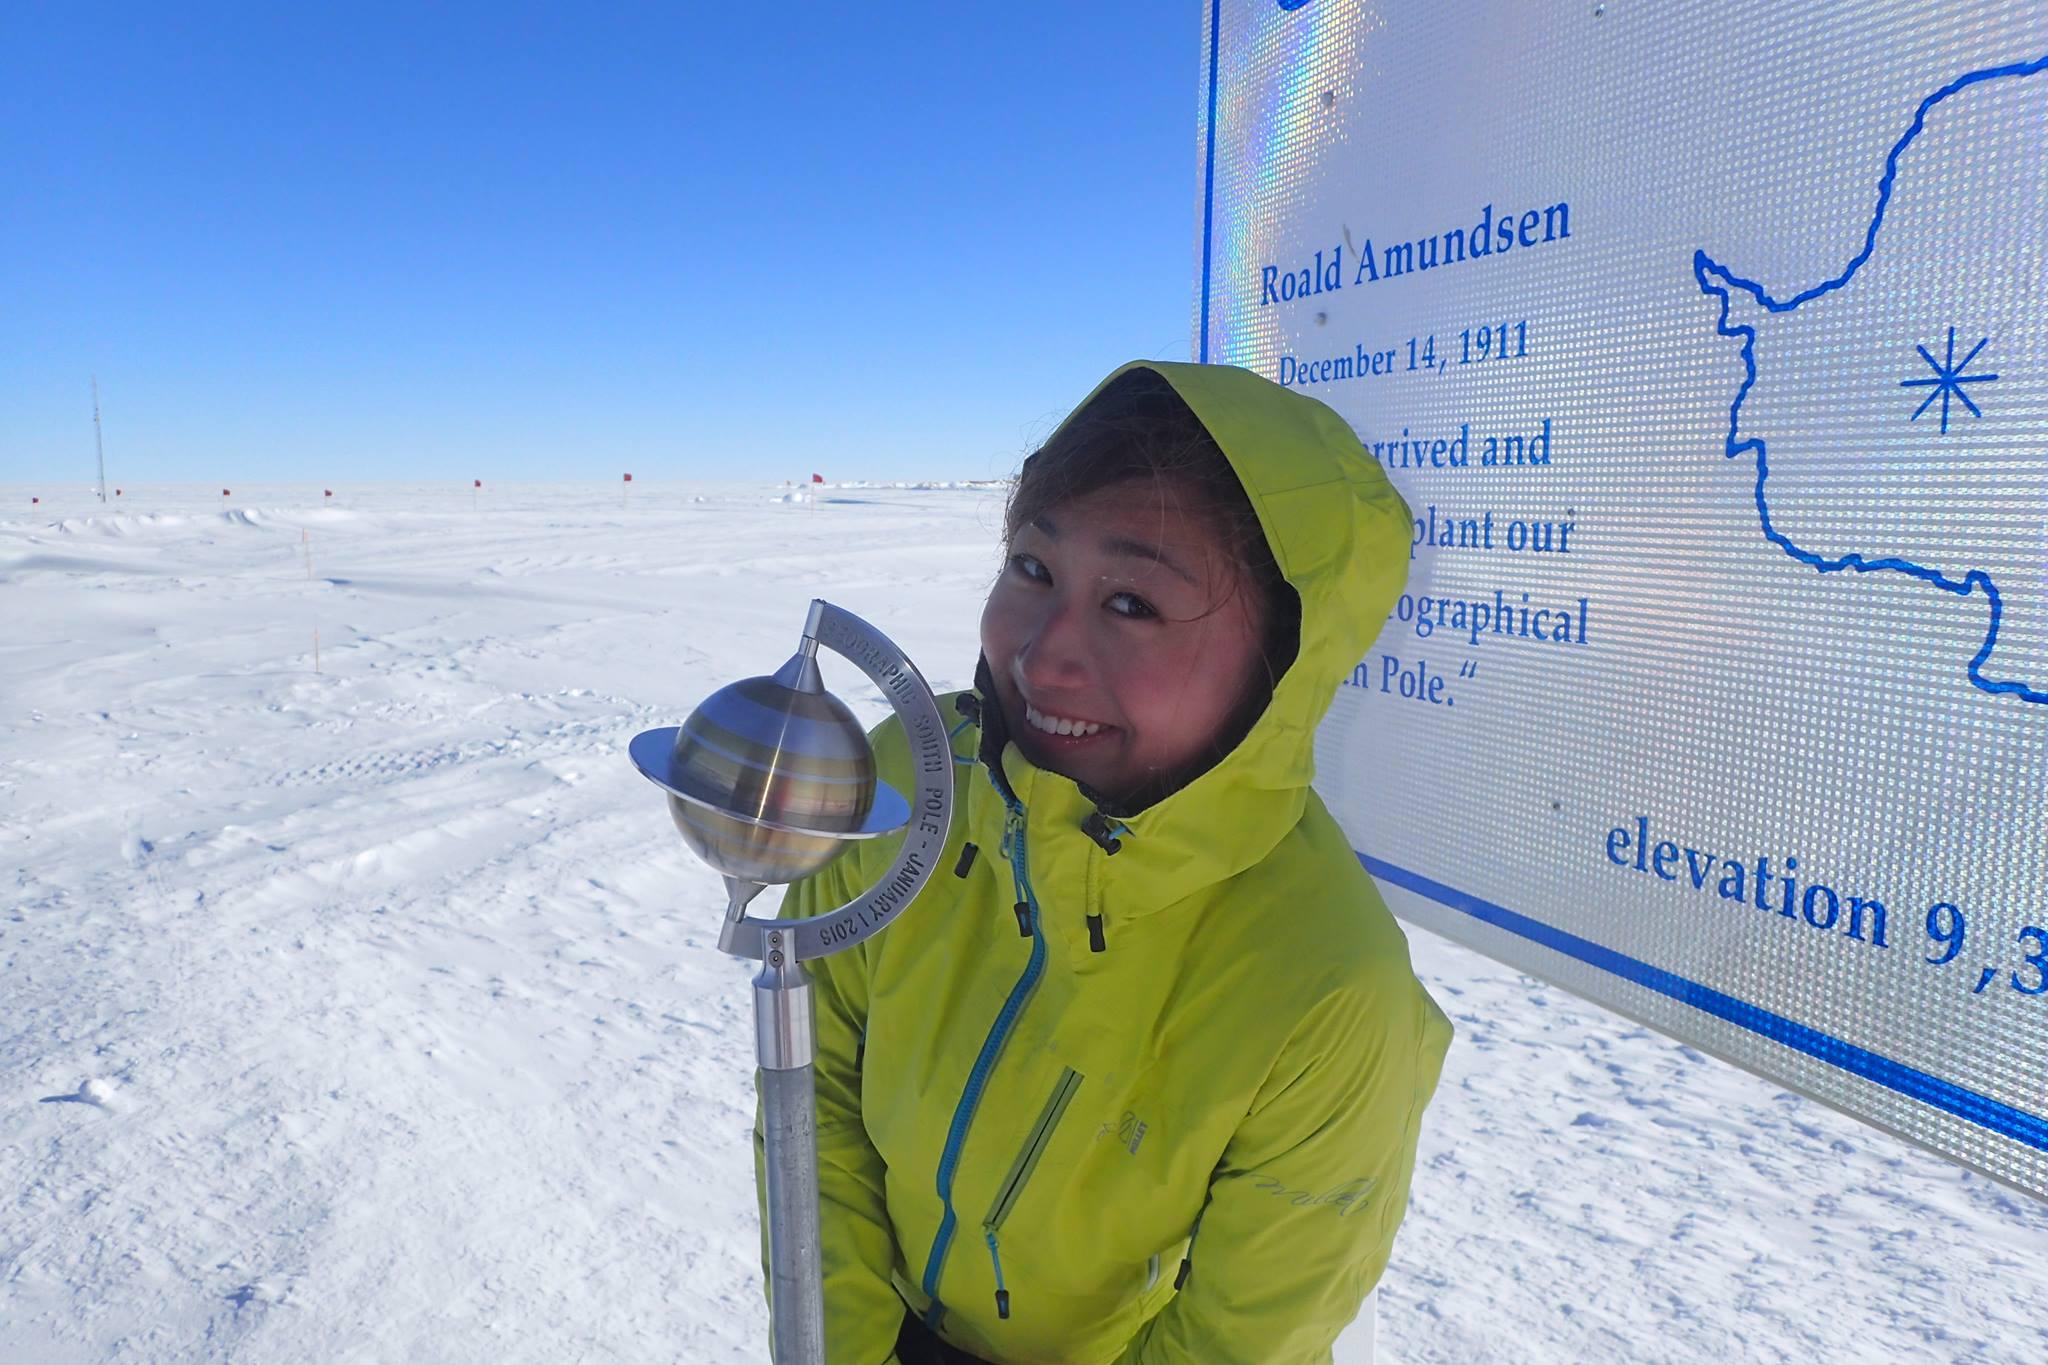 -40度以下で、皮膚が凍て付くほどの寒さでした。